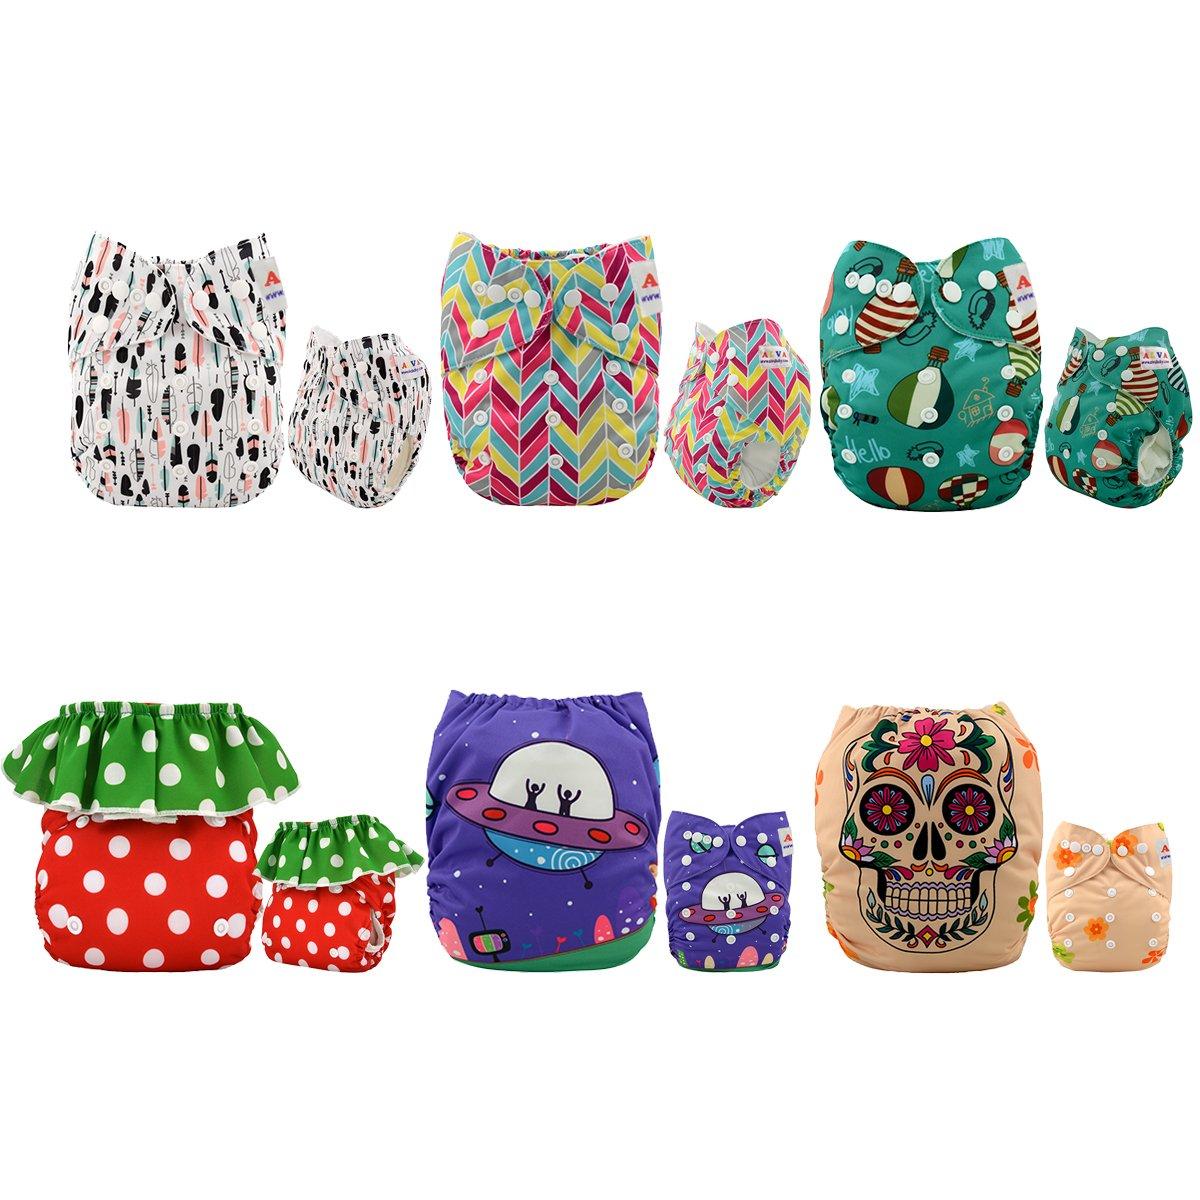 Amazon.com : Alva baby cada paquete tiene 6pcs pañal y 2 inserciones ajustado pañal reutilizables de tela (color unisex)  6DM22-ES : Baby